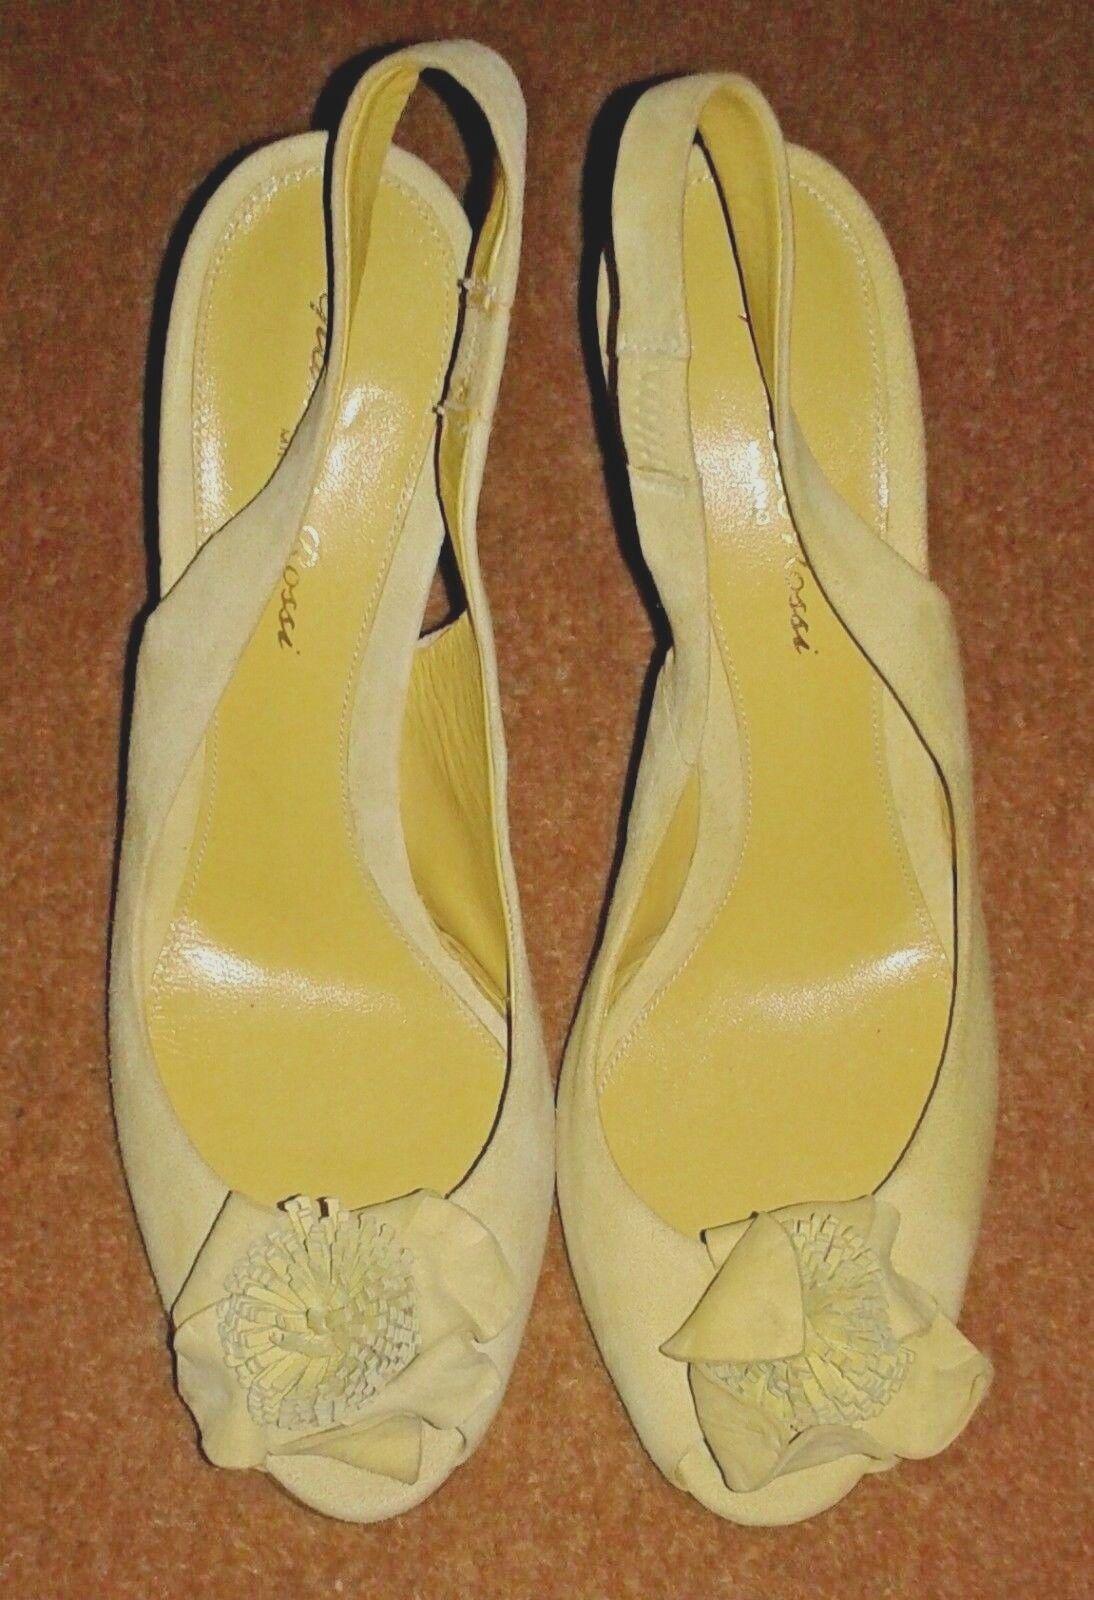 Gianvito Rossi Peep-Toe Slingback Chamois Lemon Heels - UK 4 / EU 37